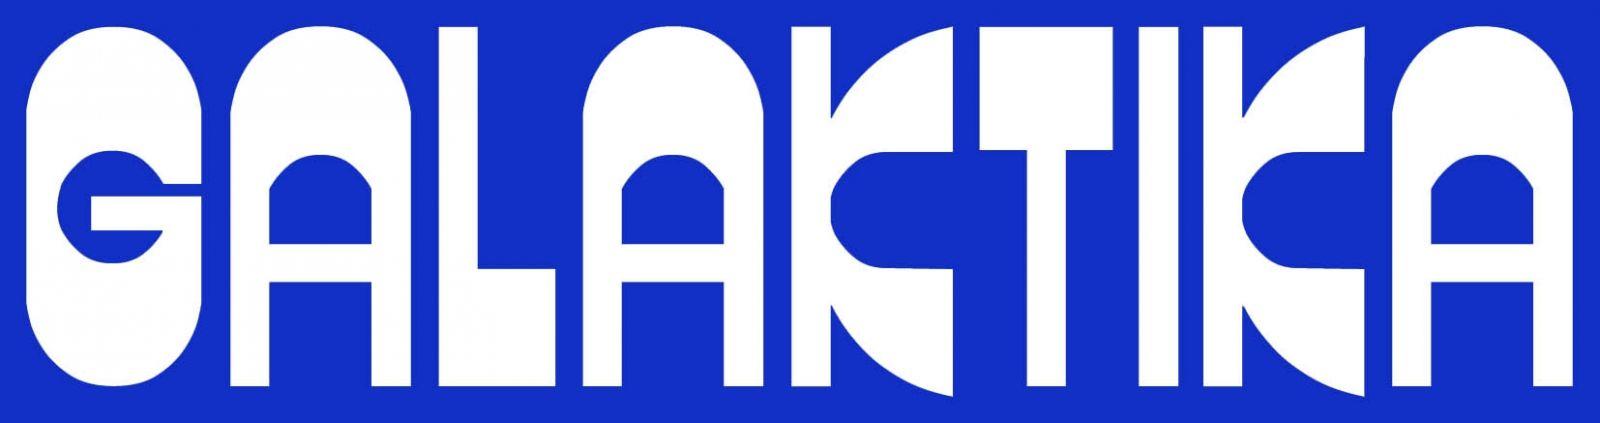 galaktika_logo-kek-nega.JPG